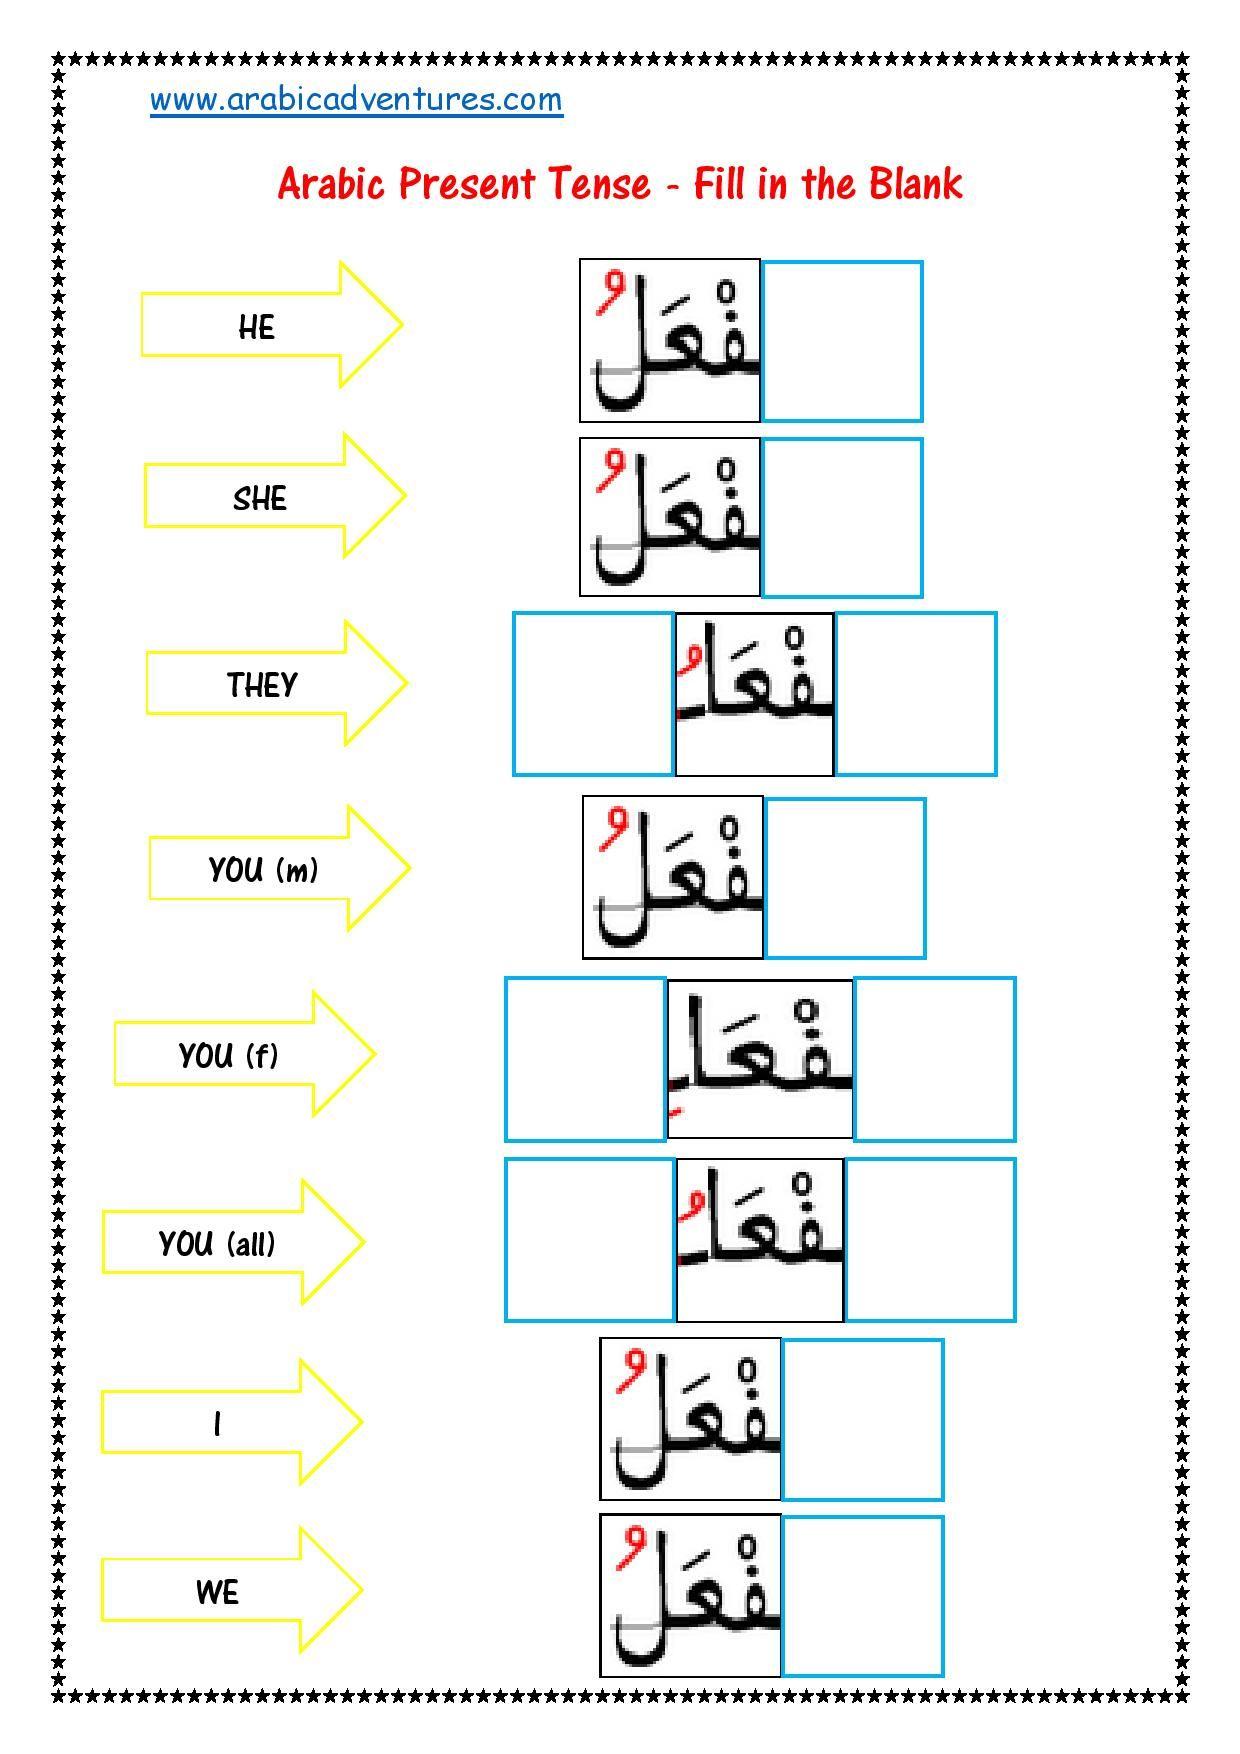 Jezyk arabski online dating